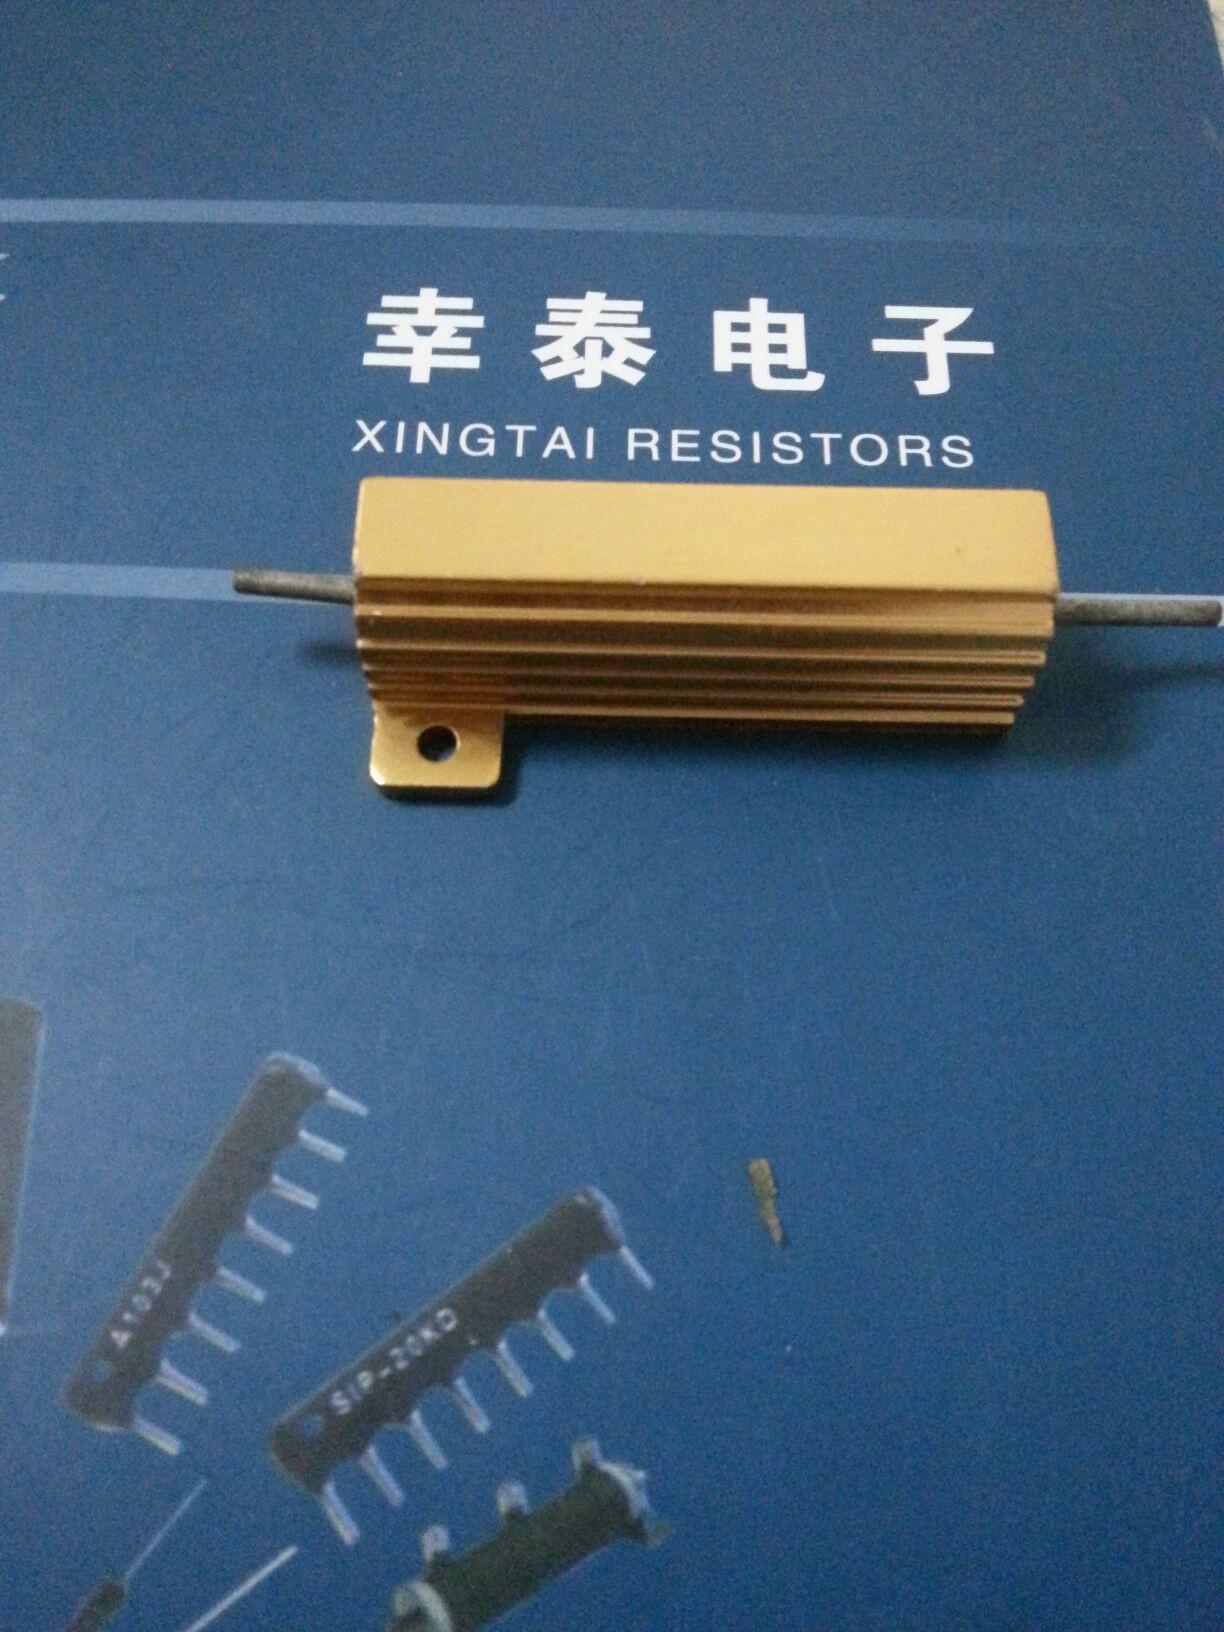 铝壳电阻器25w 普通线绕 长方体 NTC 大功率 超高频 常规阻值 厂家直销